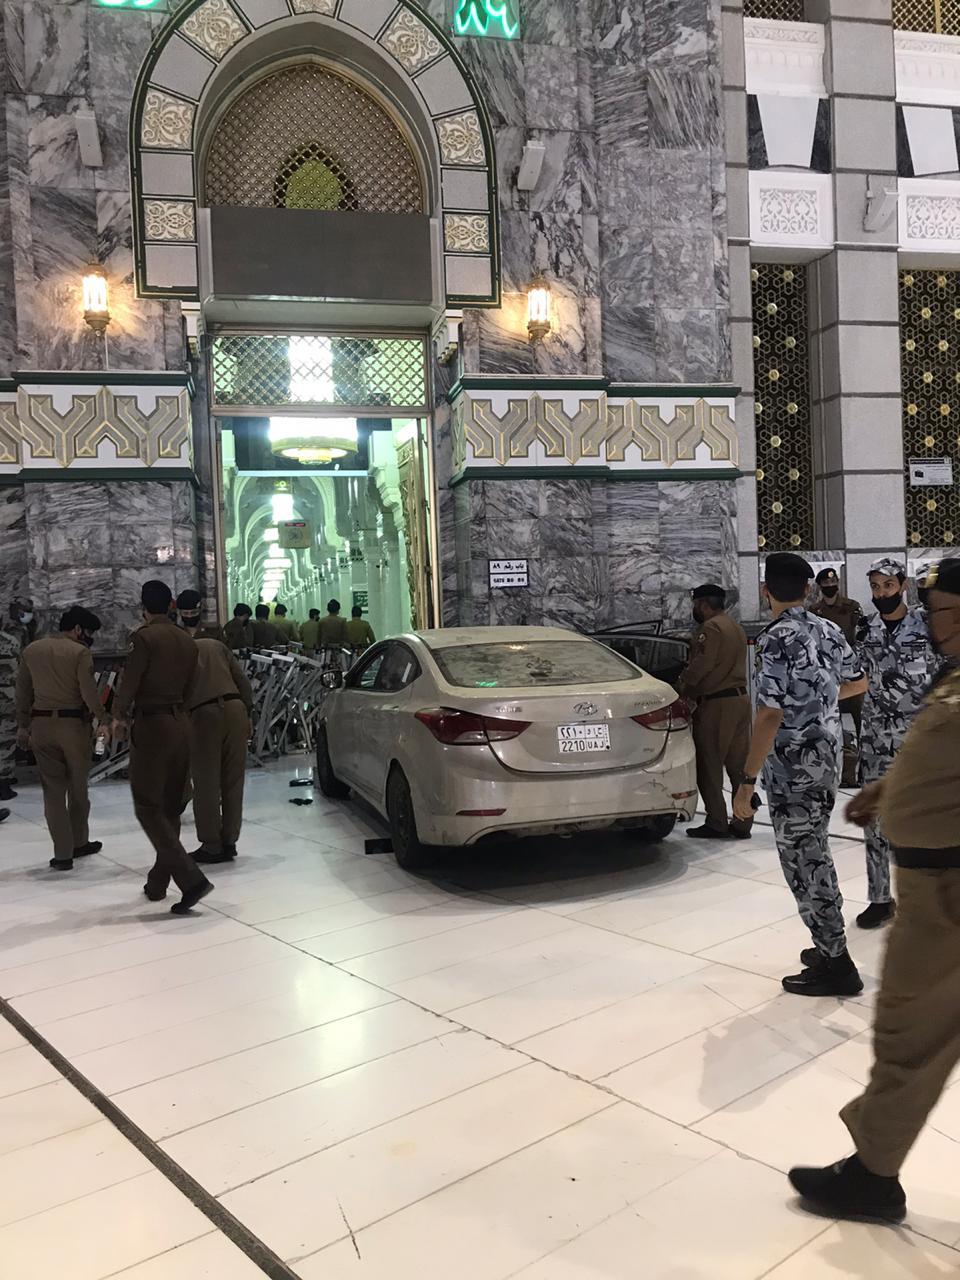 بالفيديو سيارة تقتحم ساحات الحرم المكي وتصطدم بإحدى البوابات صحيفة السوداني